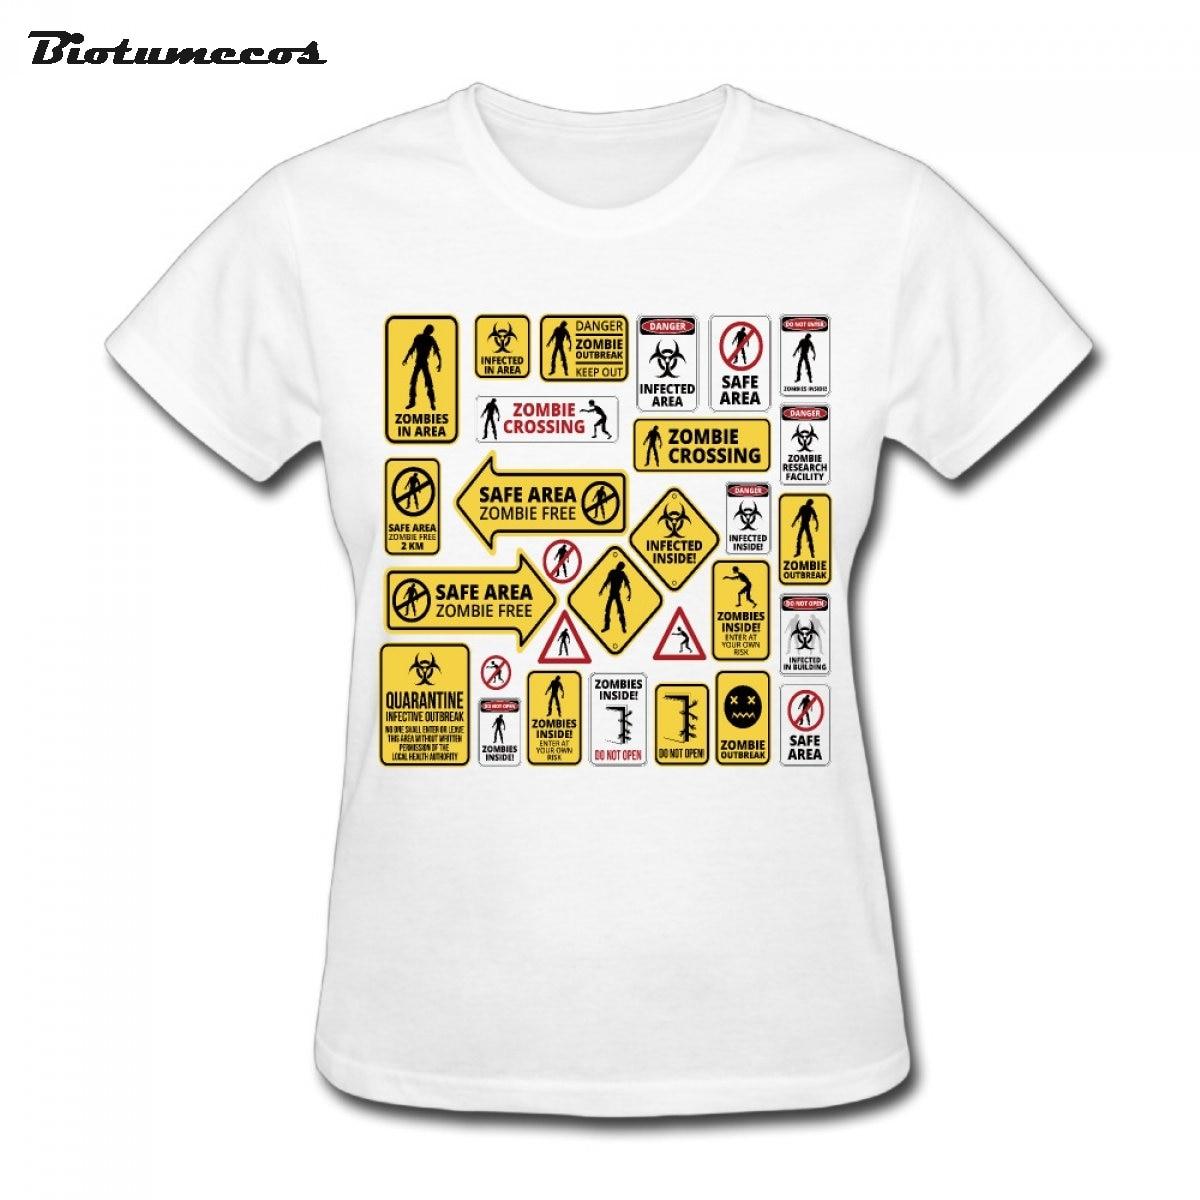 Зомби Предупреждение знак логотипы футболки Для женщин хлопок футболка с короткими рукавами модный топ Футболки для девочек wtss041